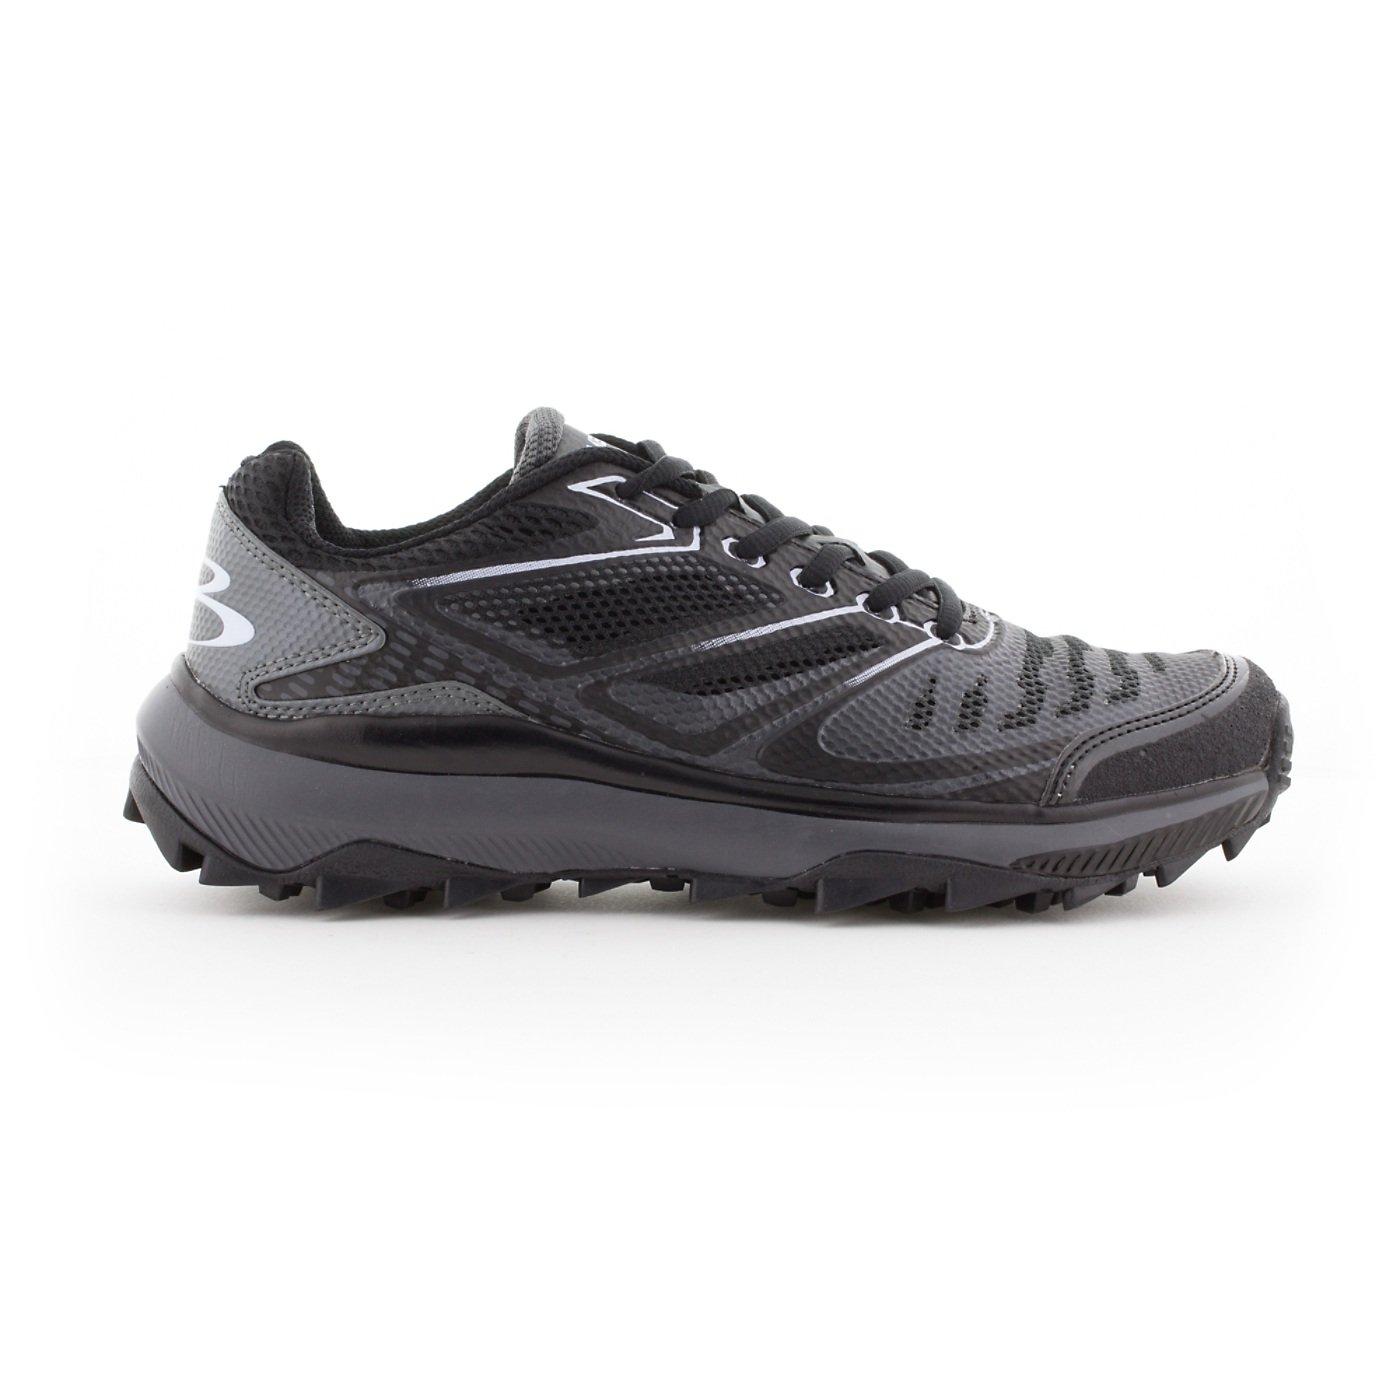 BoombahメンズTurbine Turf Shoes – 20カラーオプション – 複数のサイズ B076JNDR2W 11|ブラック/チャーコール ブラック/チャーコール 11